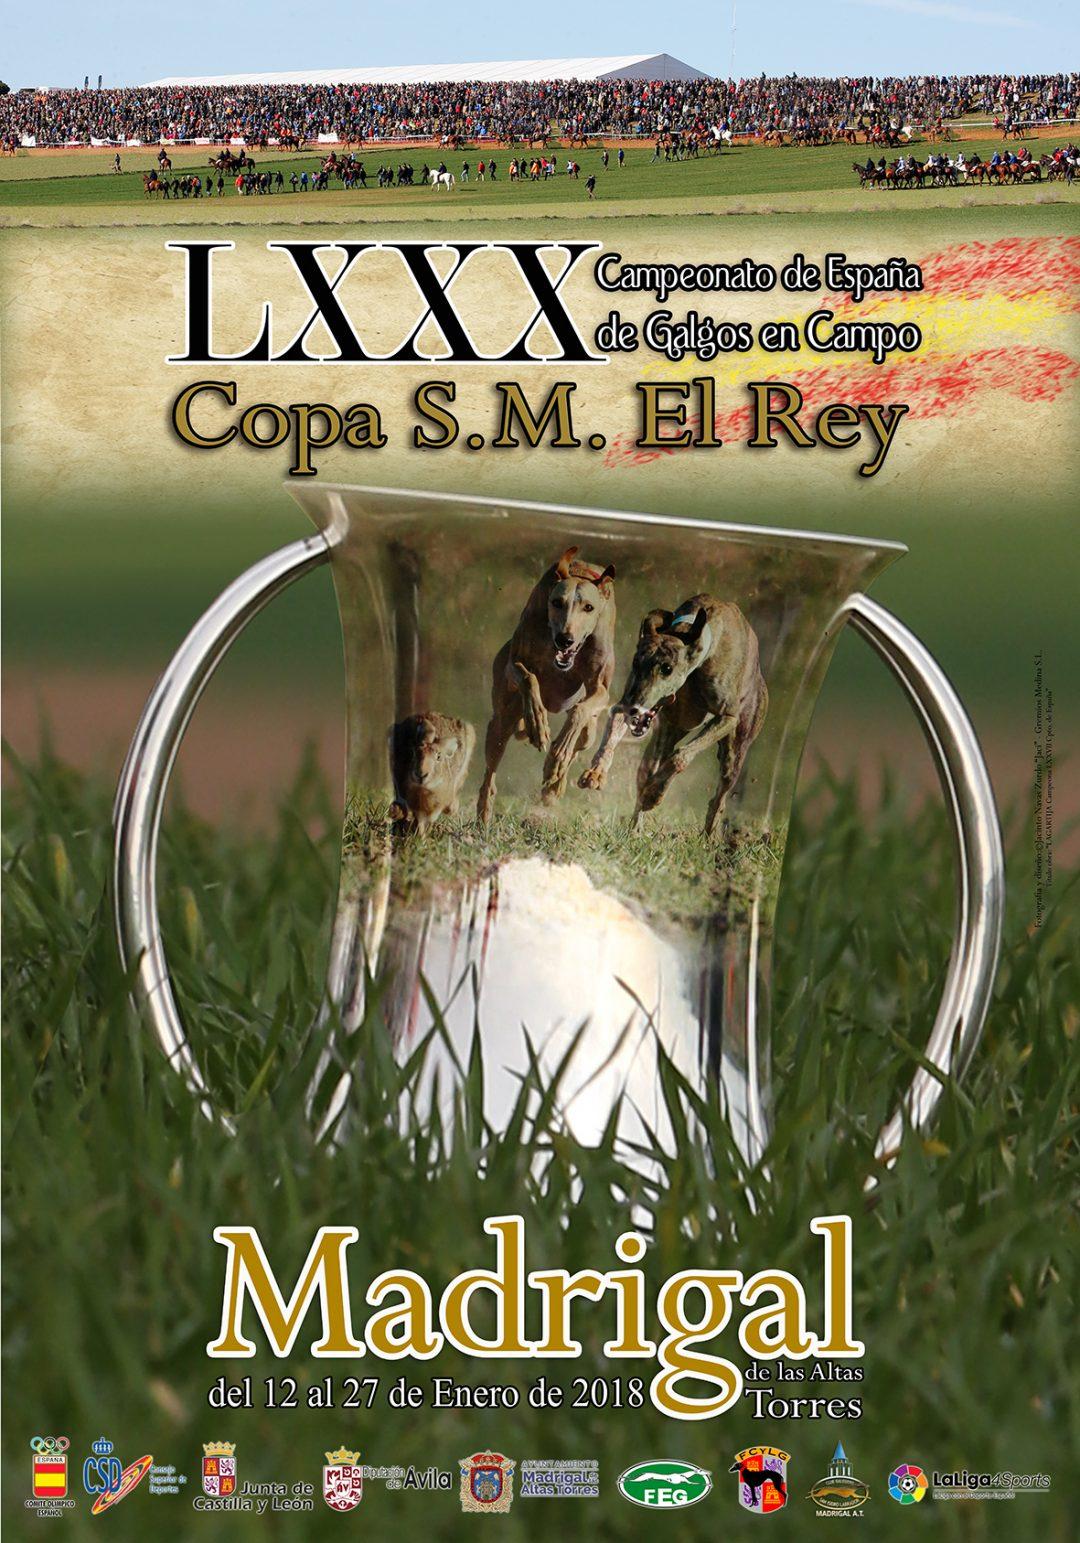 2018. LXXX Campeonato de España de galgos en Campo. Madrigal.